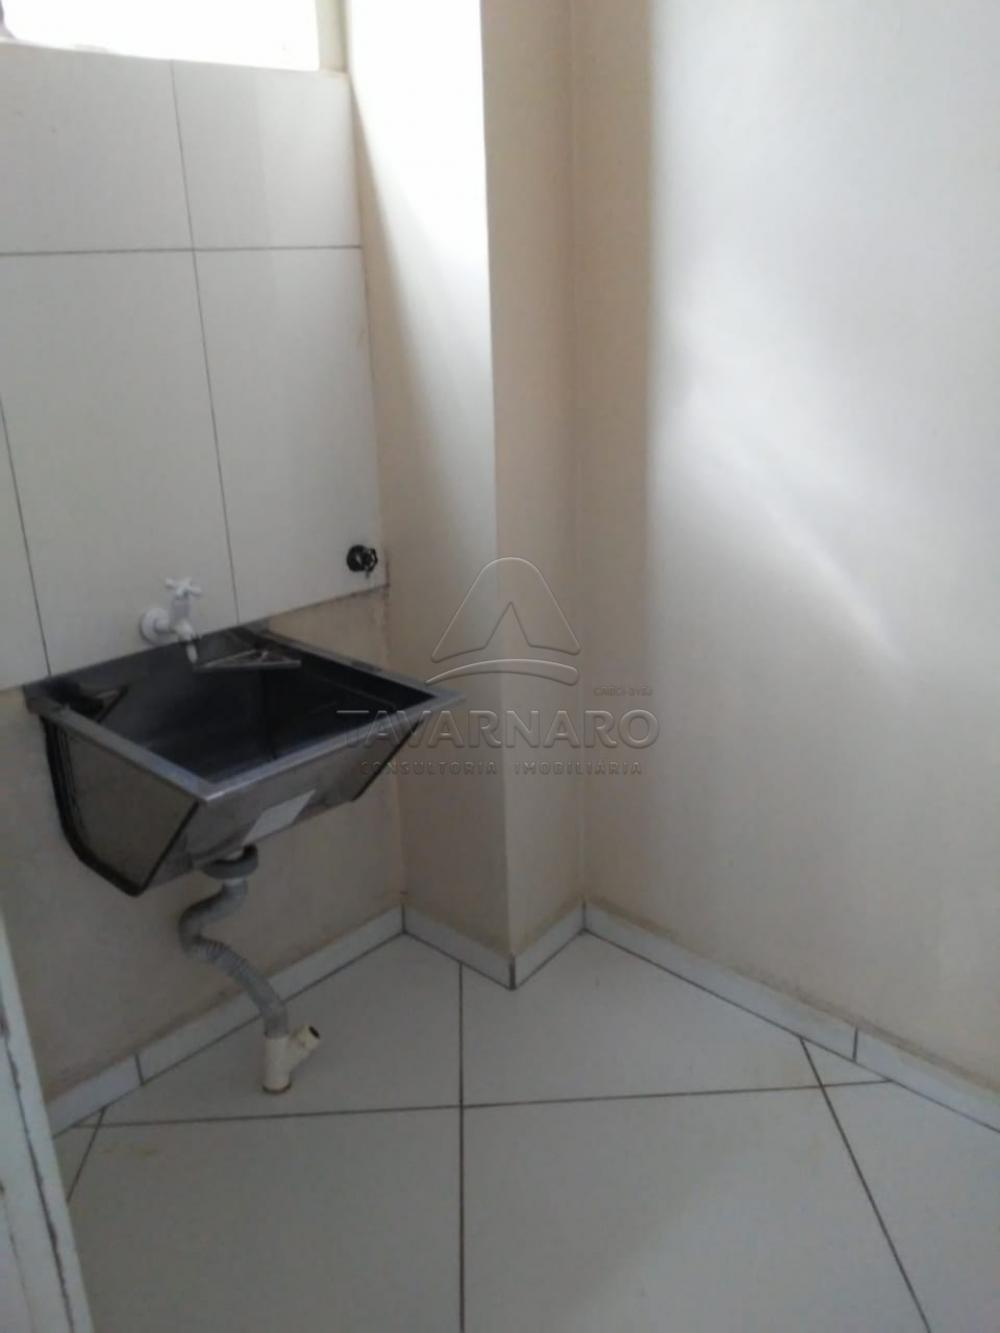 Comprar Apartamento / Padrão em Ponta Grossa R$ 280.000,00 - Foto 10